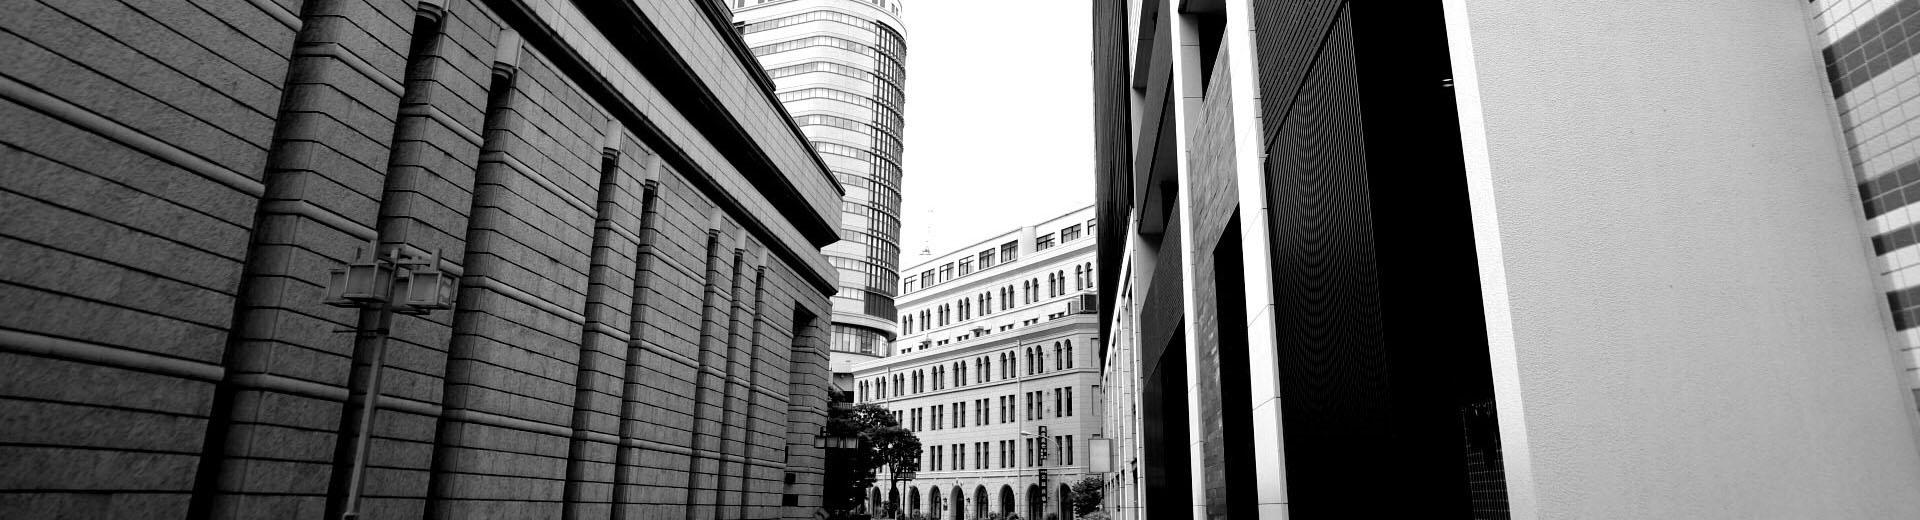 一般社団法人 金融リテラシー協会